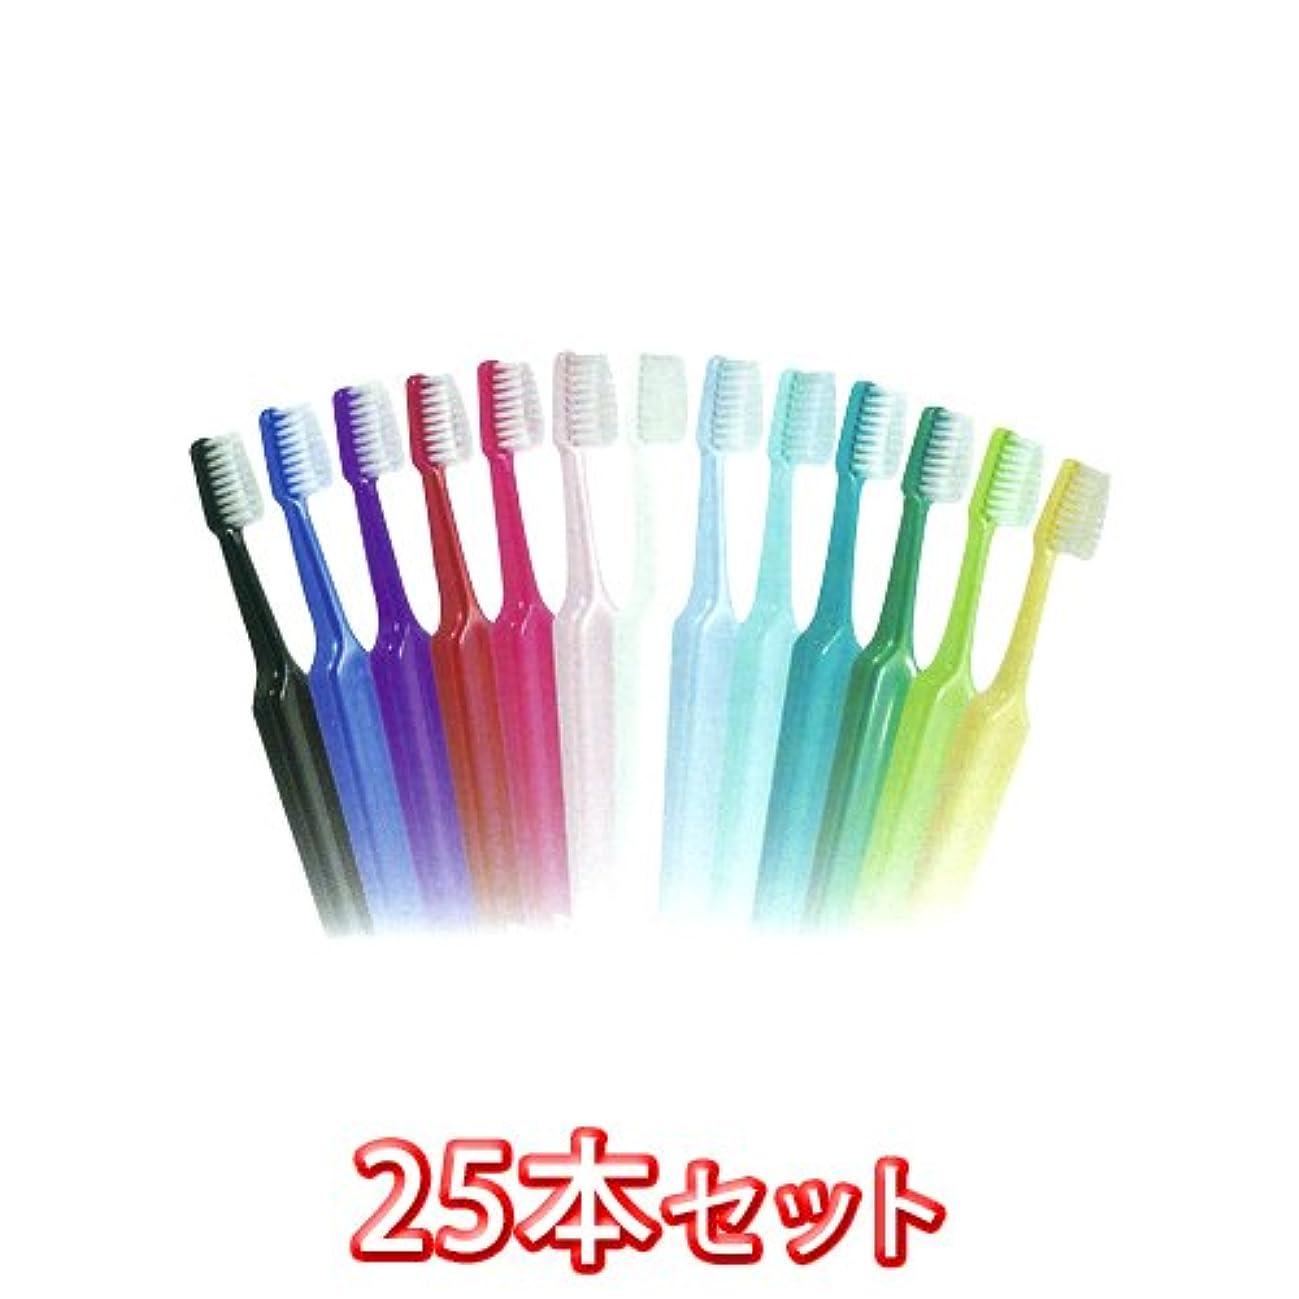 浸したぐるぐる巨人TePeテペセレクトコンパクト歯ブラシ 25本(コンパクトソフト)